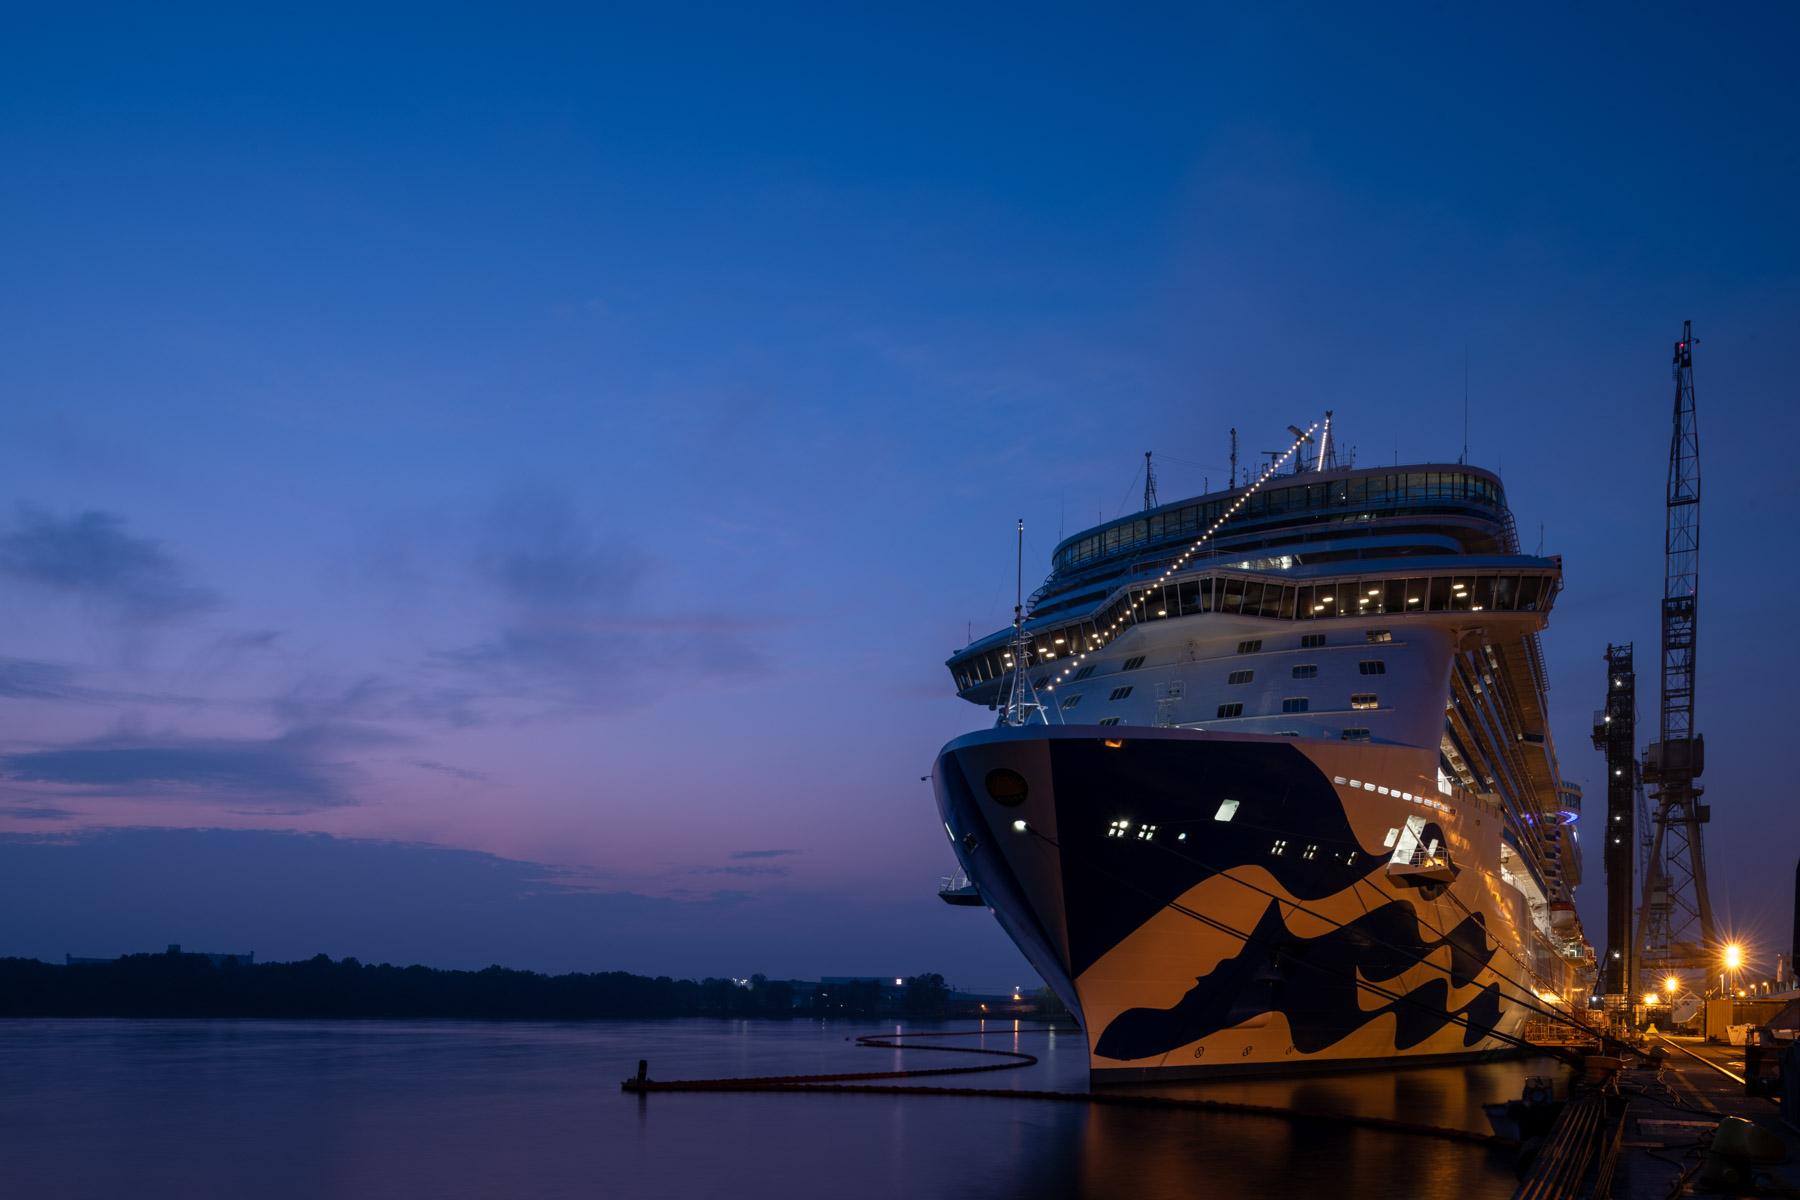 Die Sky Princess, viertes Schiff der Royal Princess-Klasse, das von Fincantieri für Princess Cruises gebaut wurde, wurde jetzt ausgeliefert.